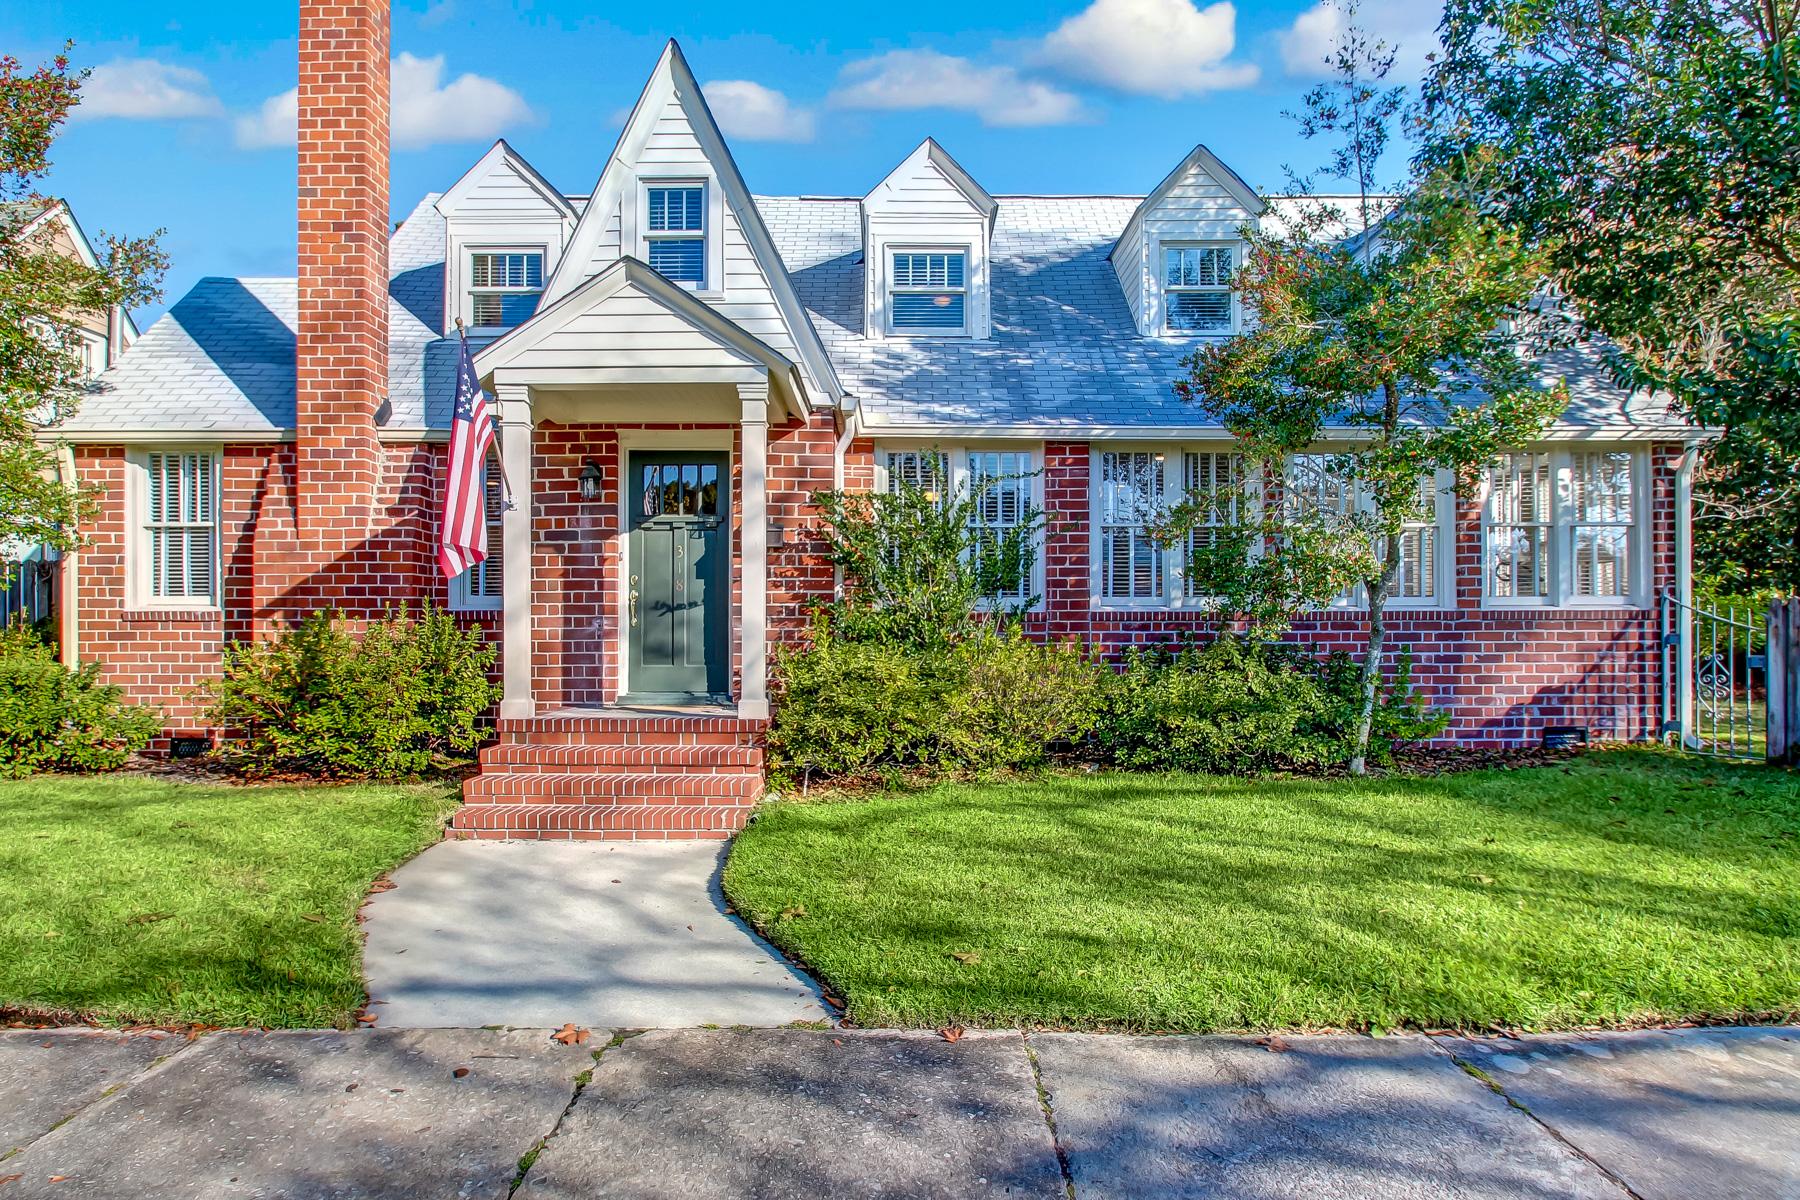 Частный односемейный дом для того Продажа на 318 East 55th Street Savannah, Джорджия, 31405 Соединенные Штаты